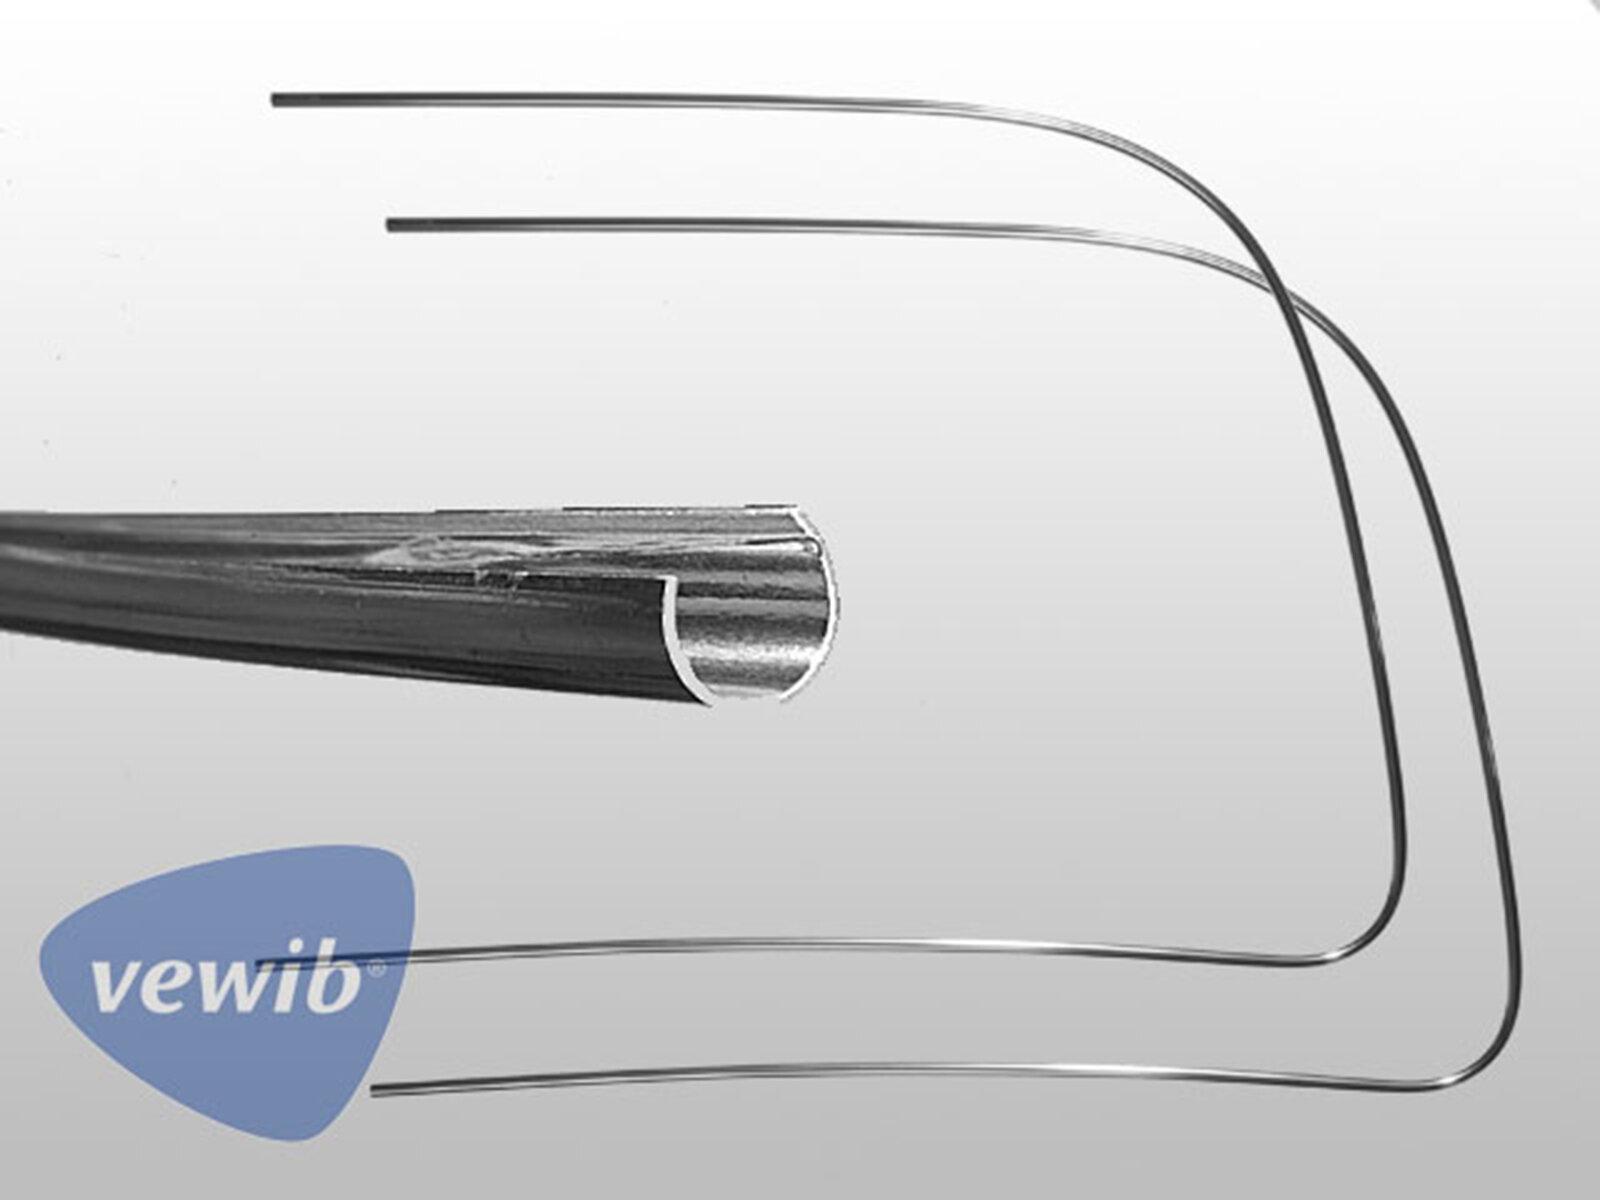 Chrom Zierrahmen-Hälften für VW Käfer 58-64 Frontscheibe